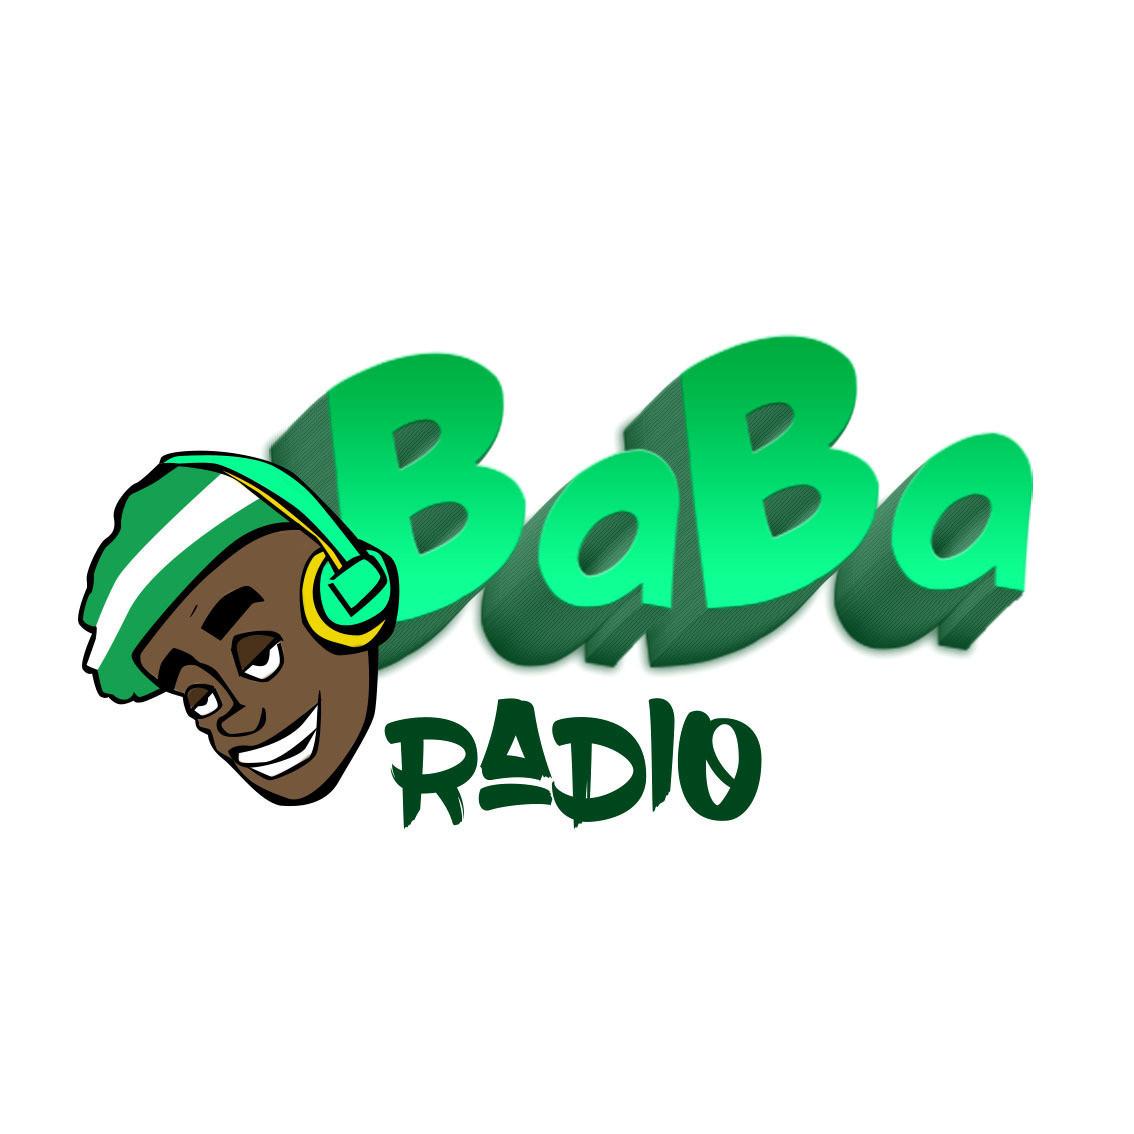 Babaradio